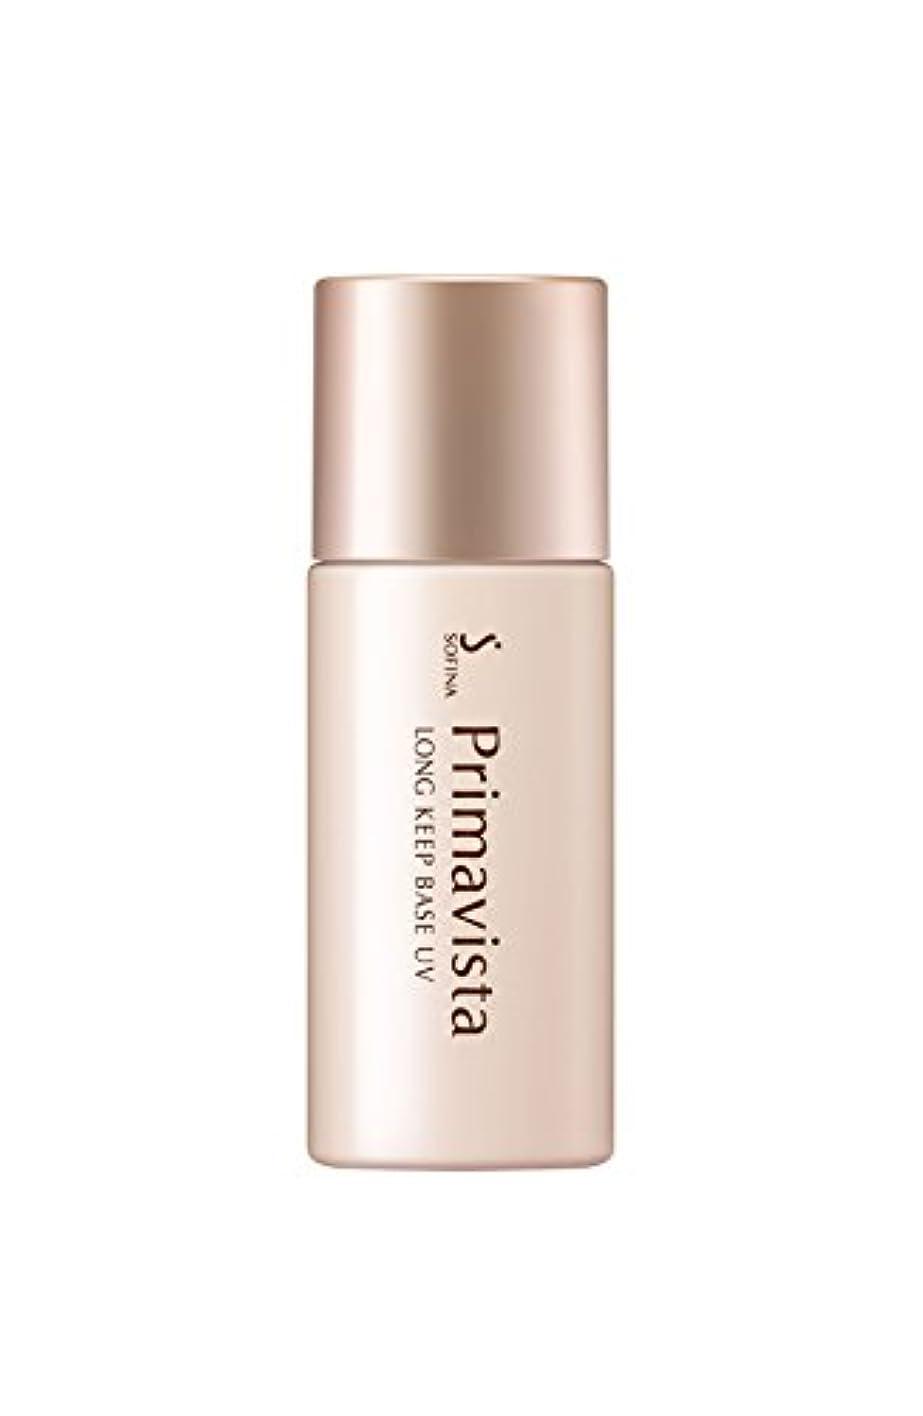 上記の頭と肩出席いろいろプリマヴィスタ 皮脂くずれ防止化粧下地UV SPF20 PA++ 本体 単品 本体(25ml)